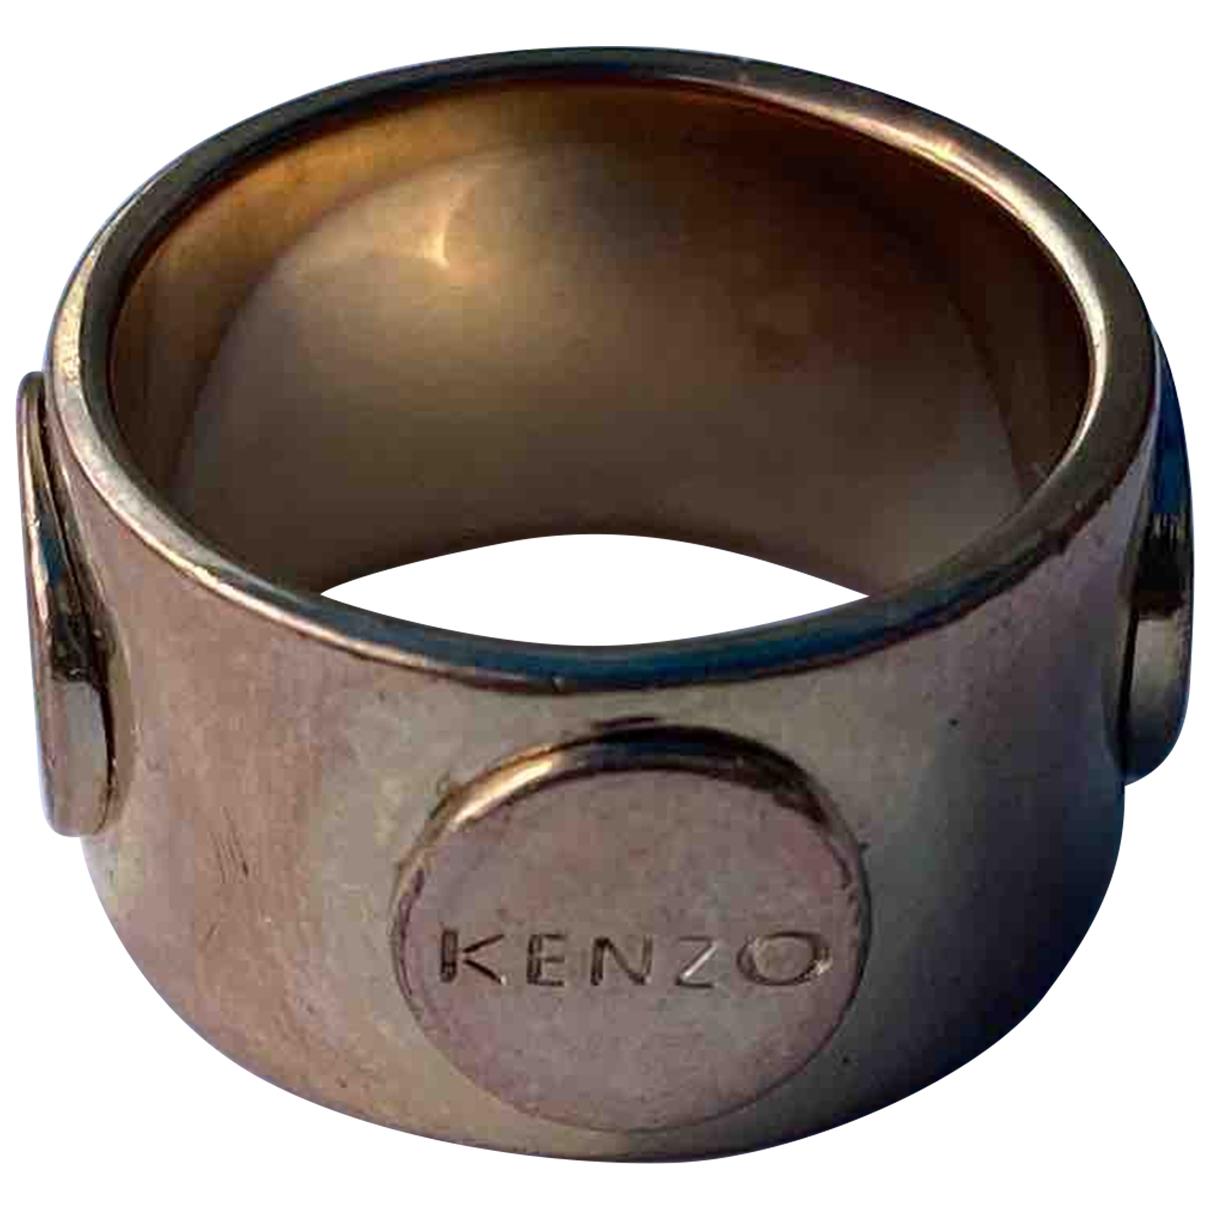 Kenzo - Bague   pour femme en metal - dore